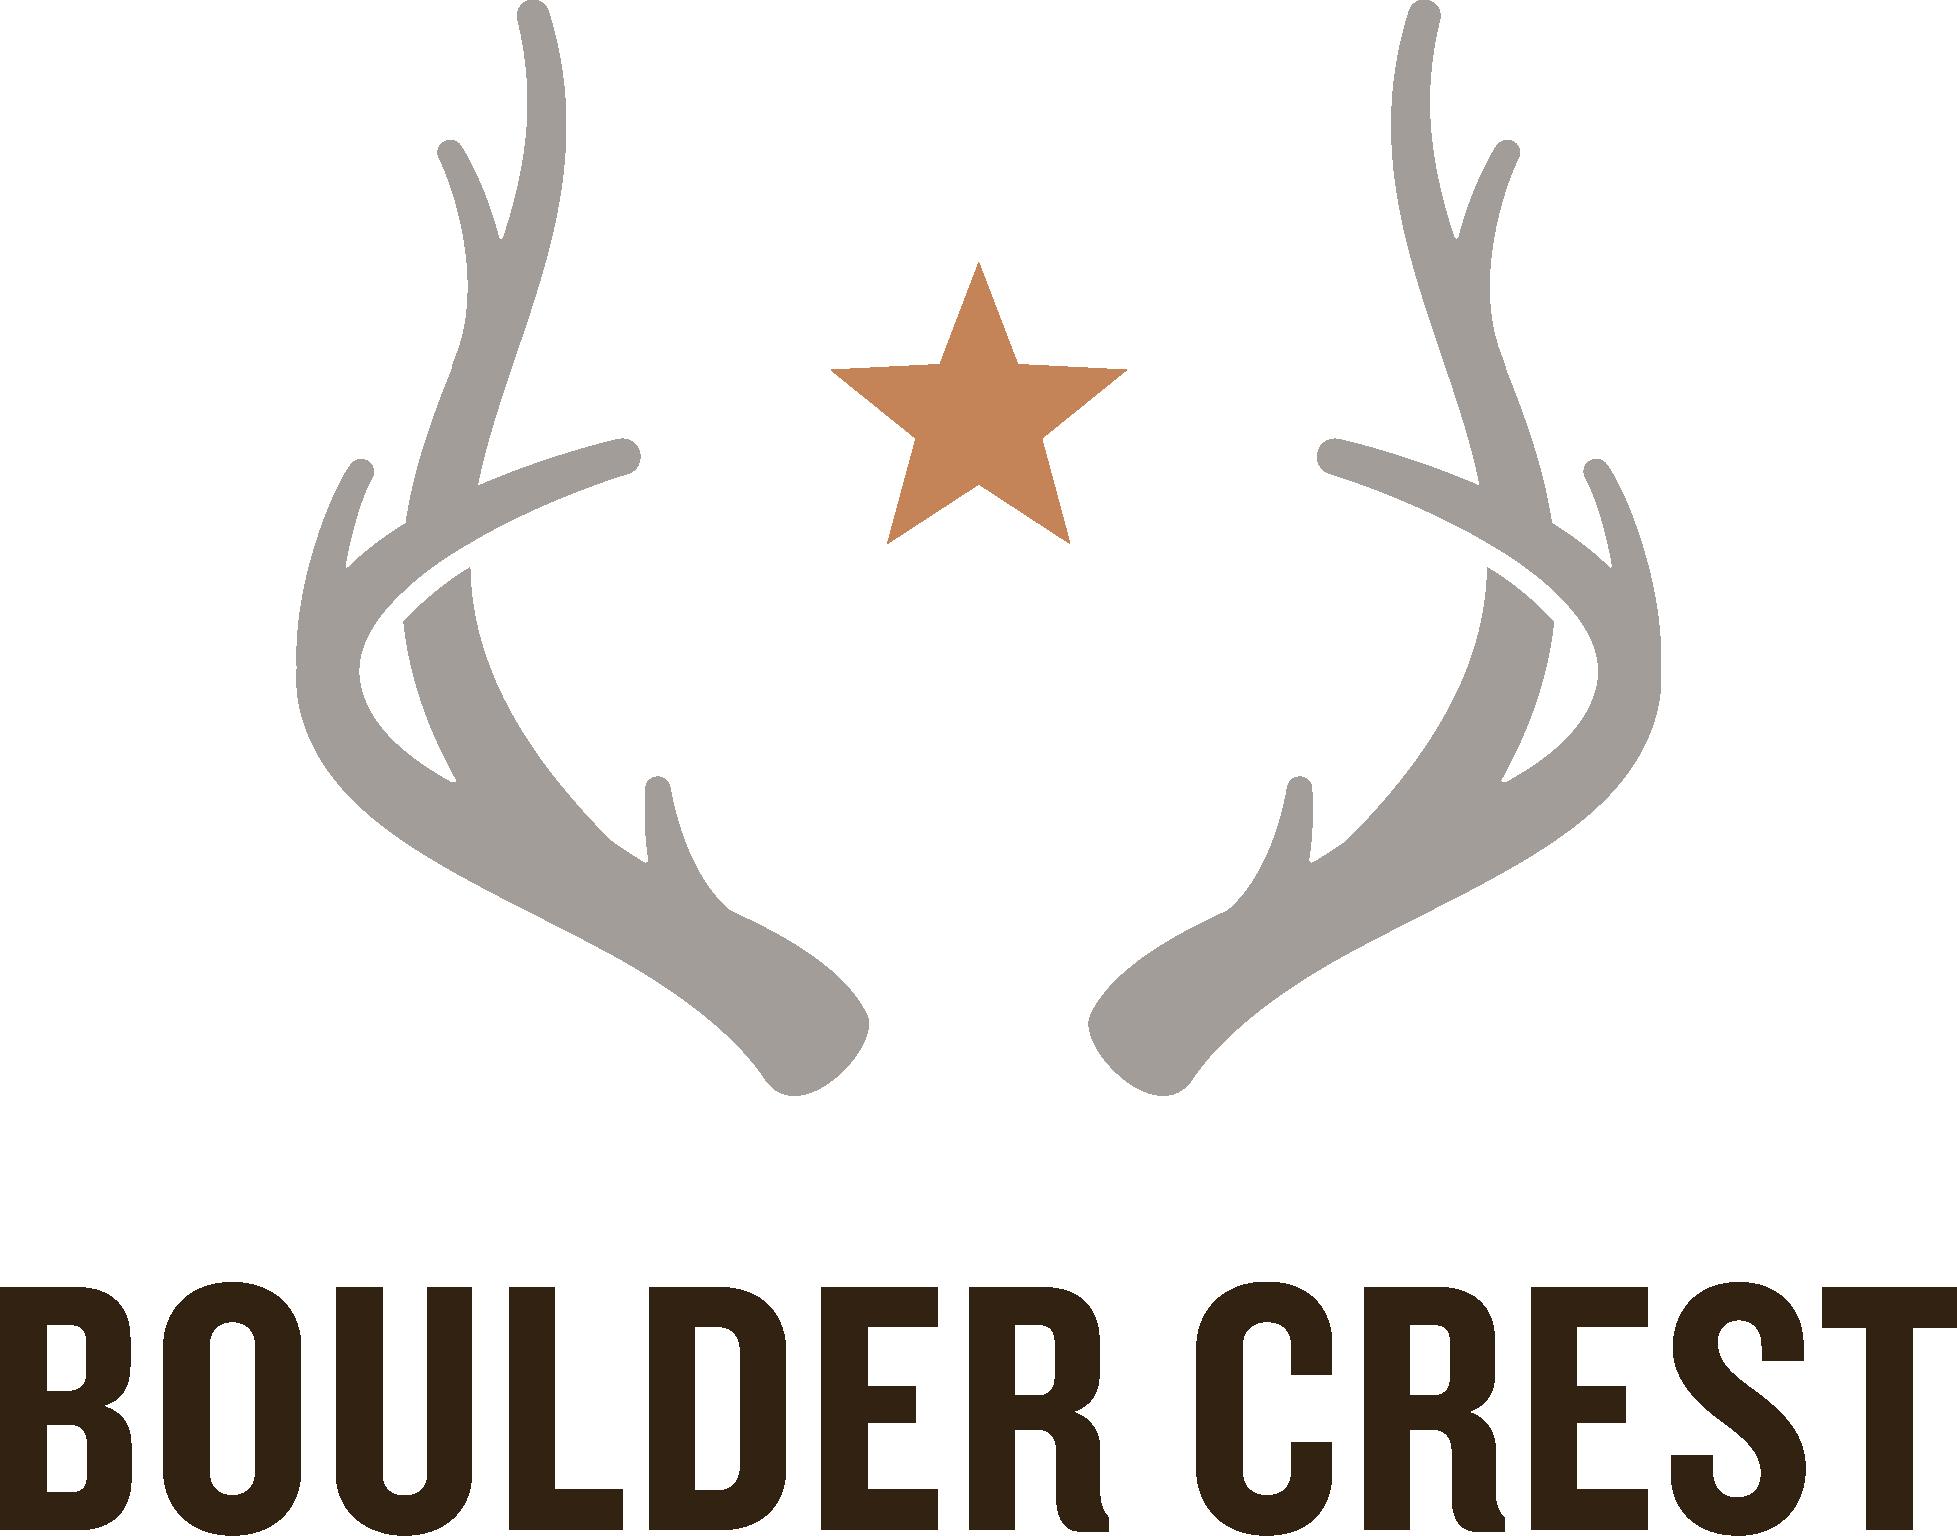 2020 Boulder Crest 5k, 10k, & Half